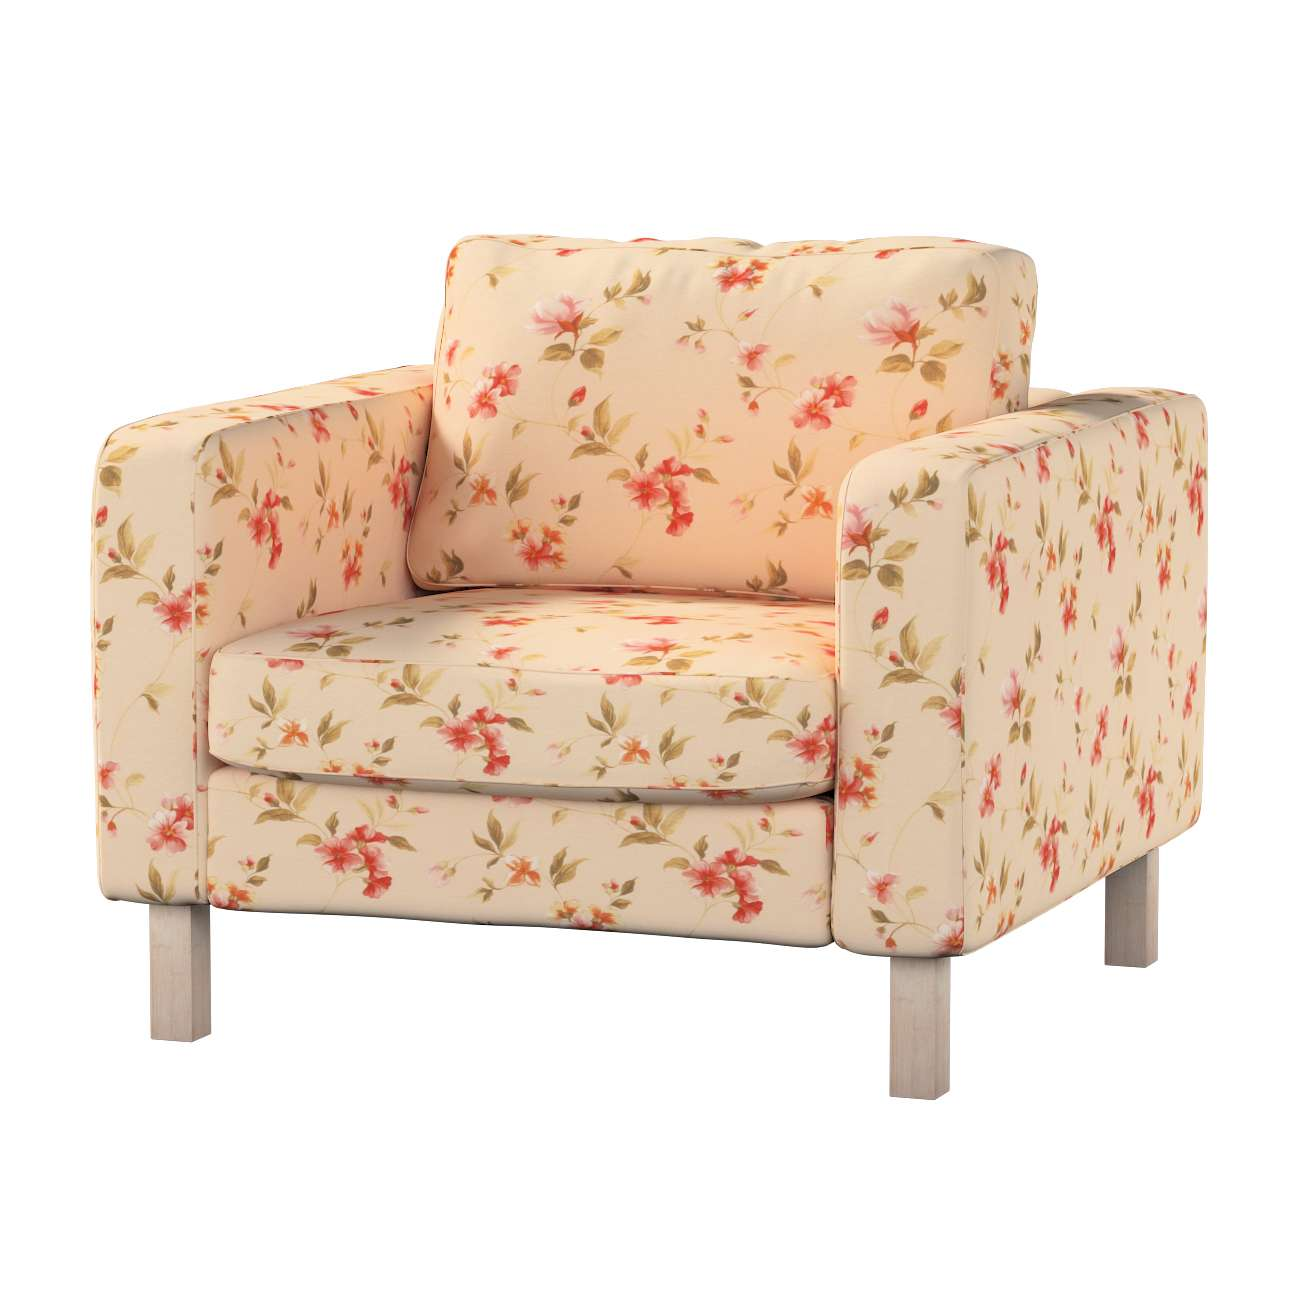 Karlstad päällinen nojatuoli mallistosta Londres , Kangas: 124-05